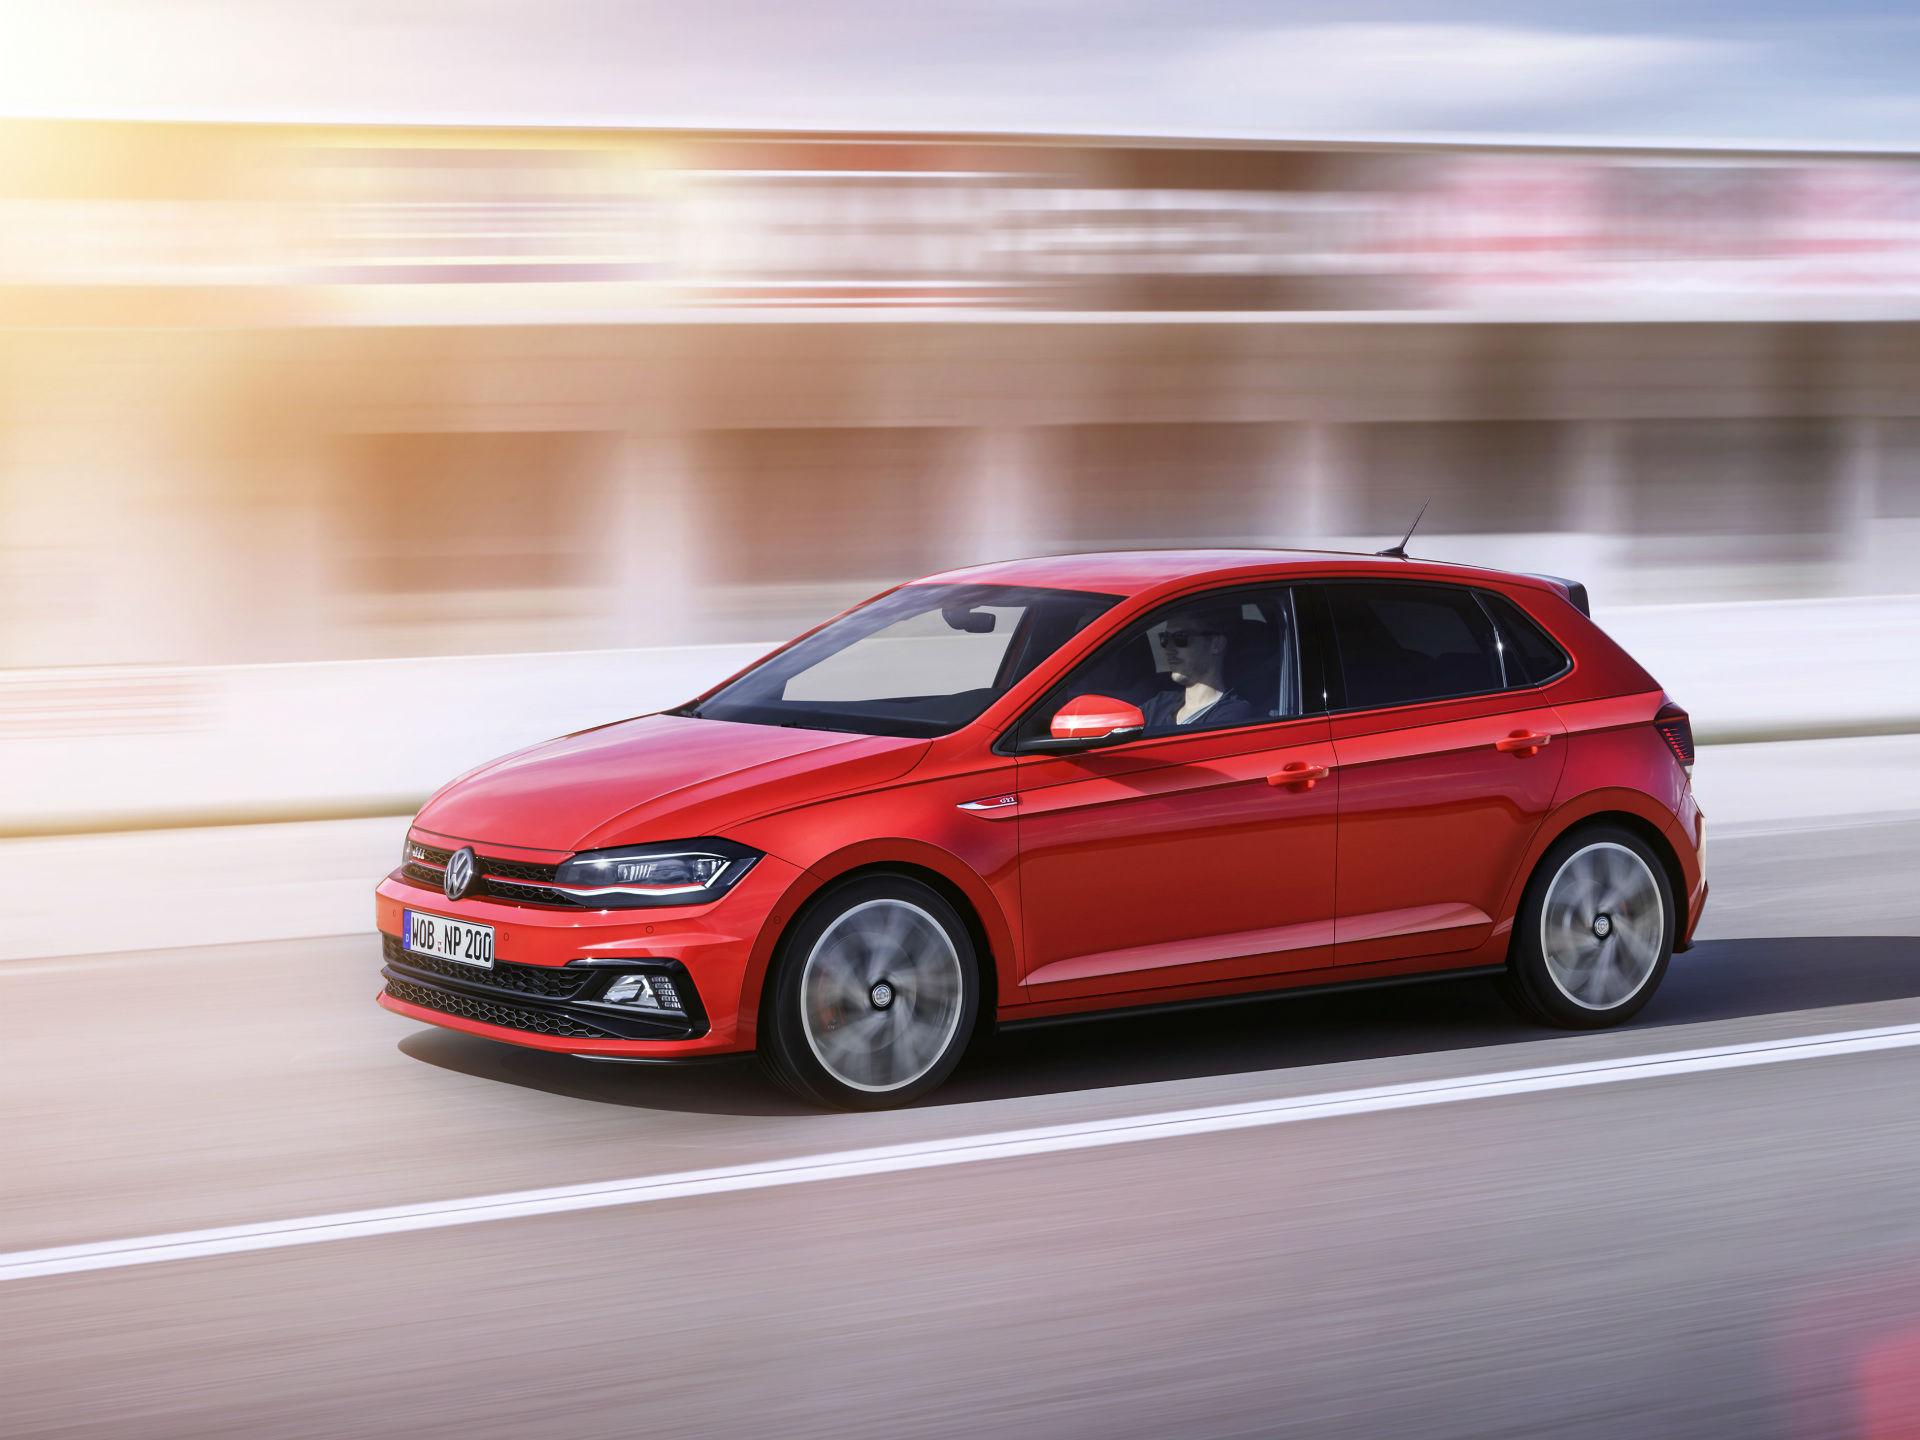 La nueva generación, búsqueda posicionarse mediante la incorporación de su propio carisma y diseño, con tecnología y carácter de la marca. El inédito modelo, contará con múltiples versiones, incluida una GTI de doscientos hp. Foto: Volkswagen.